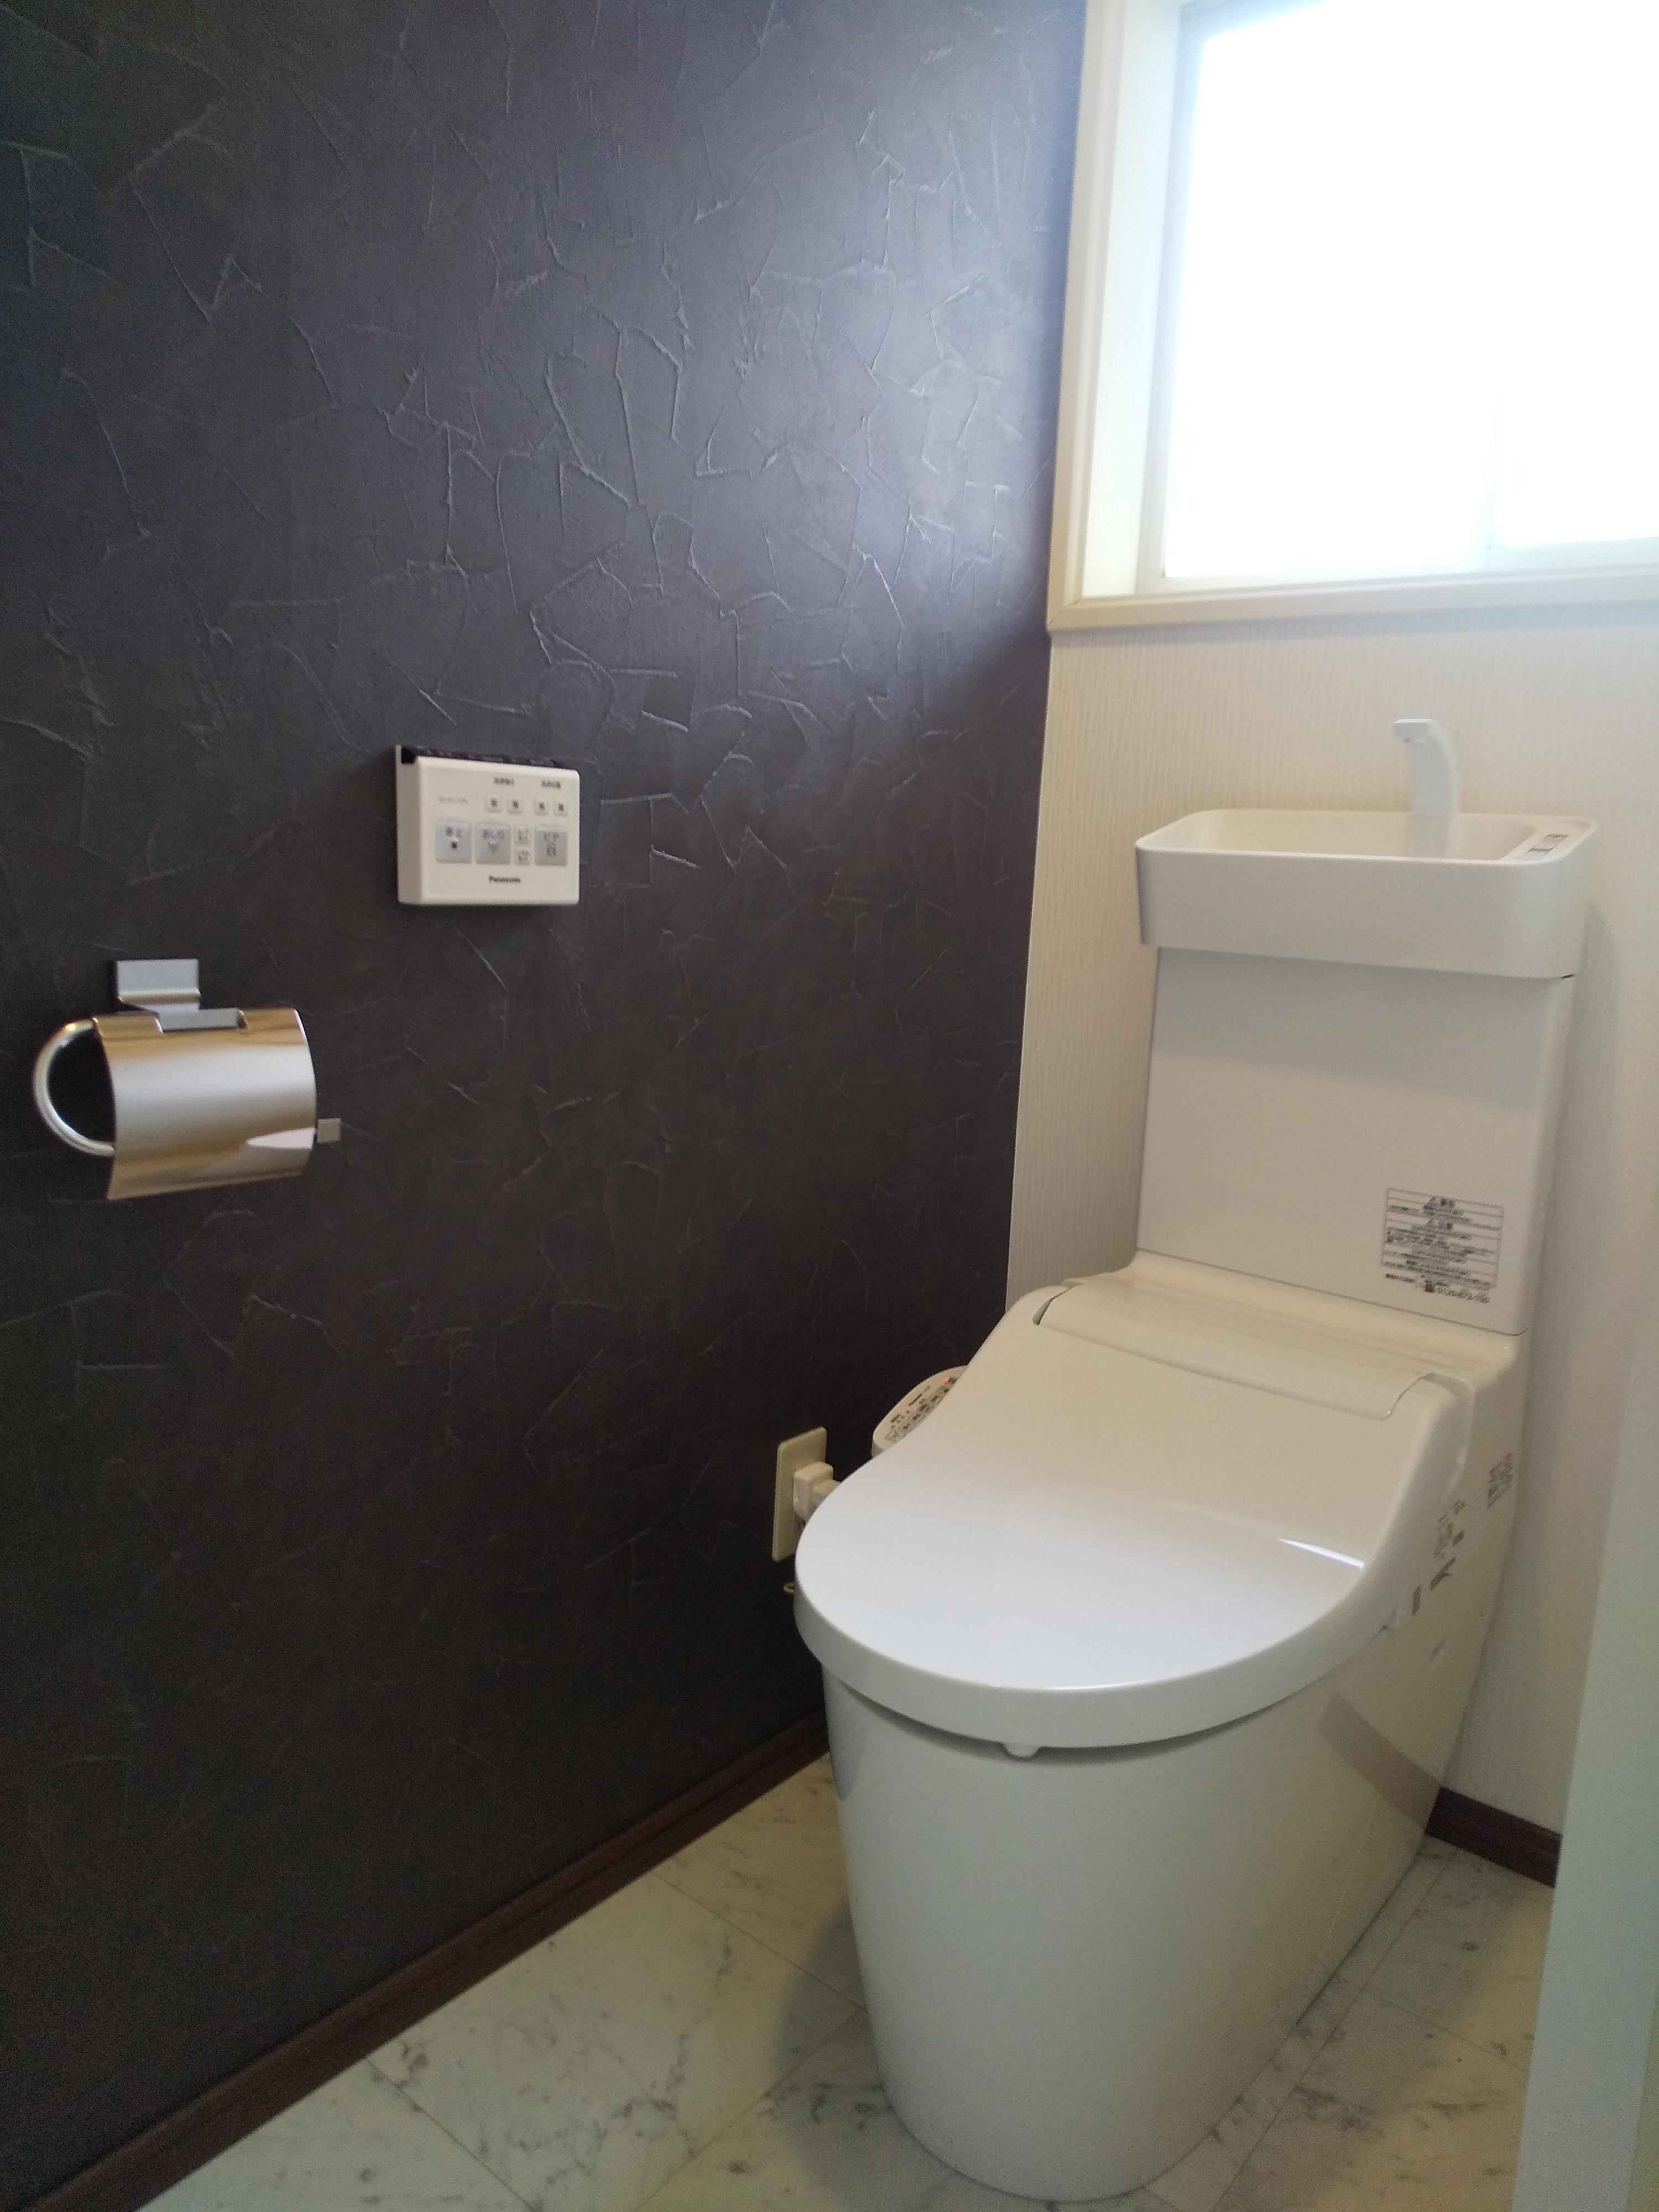 トイレ完成 便器入れ替え